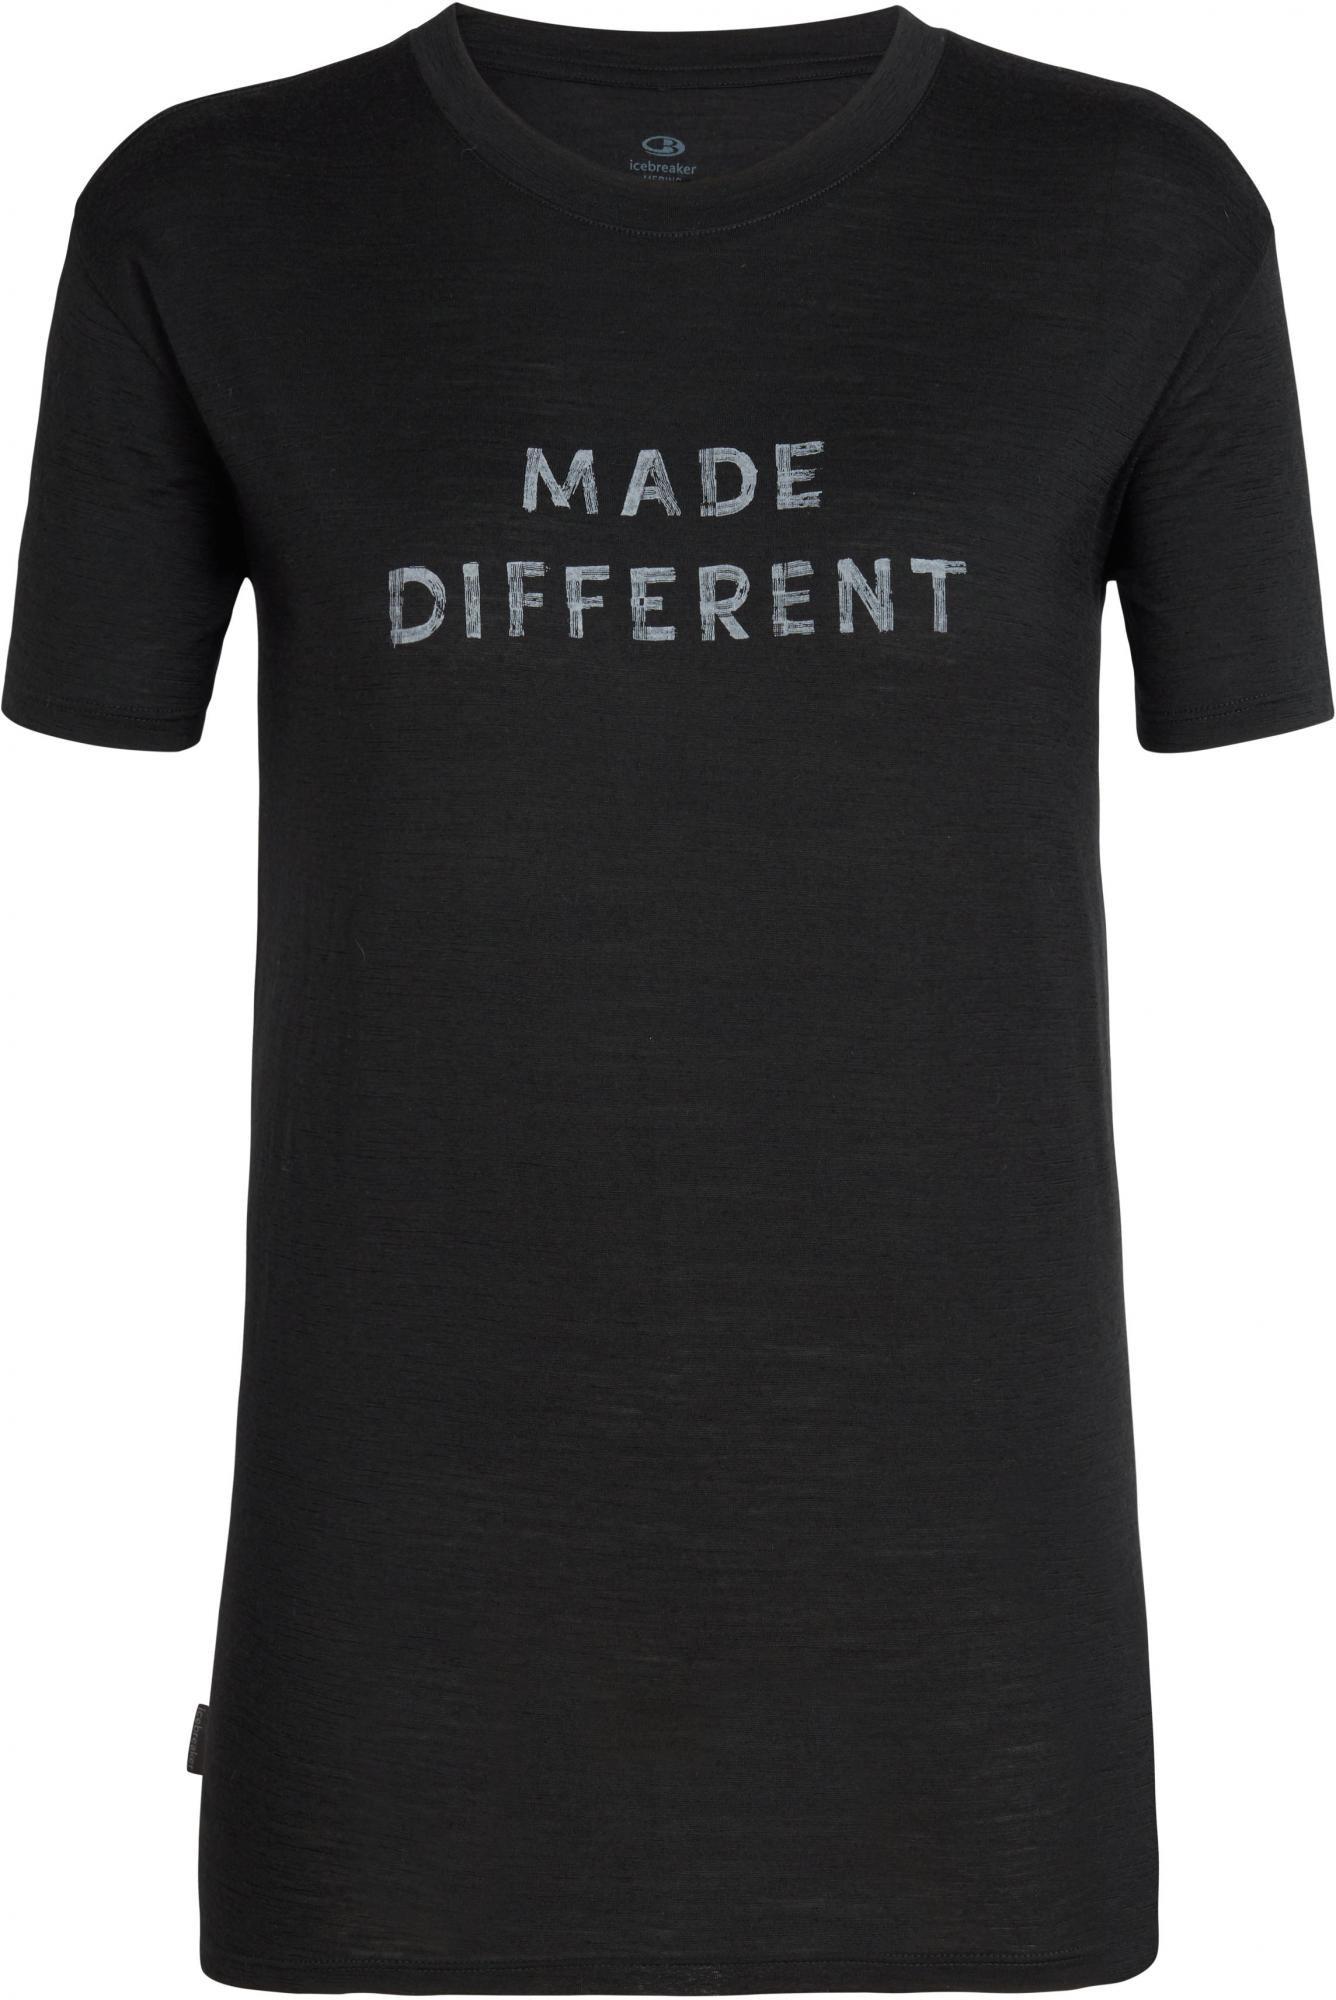 Icebreaker koszulka damska Wmns Tech Lite Ss Crewe Made Different Black XS